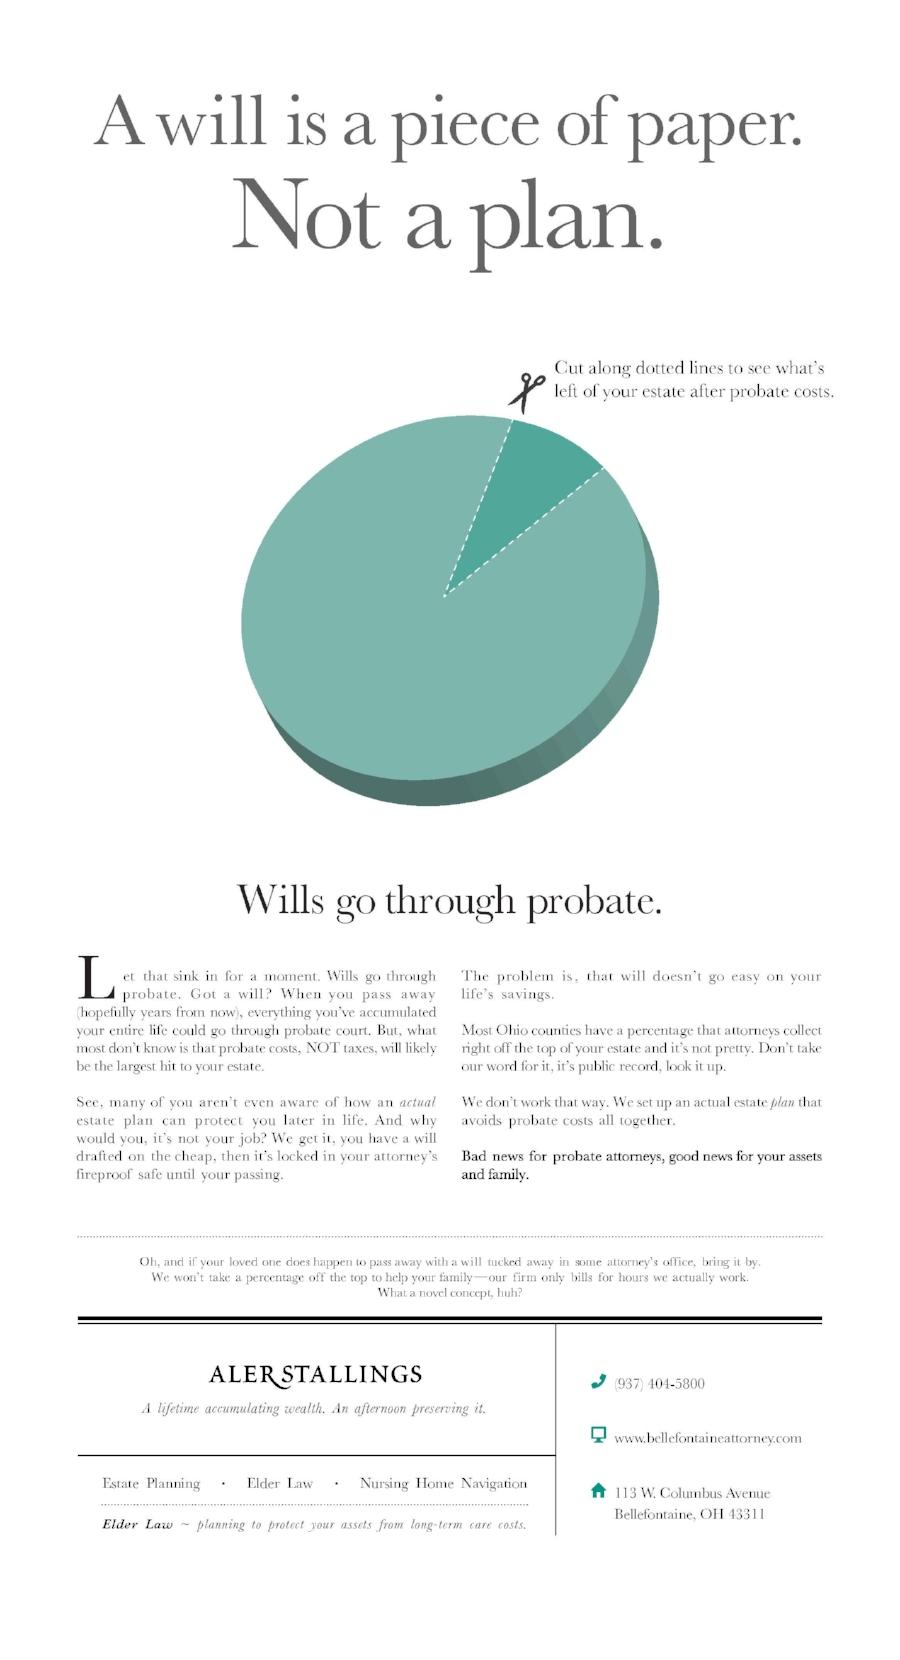 A Will is not a plan.jpg